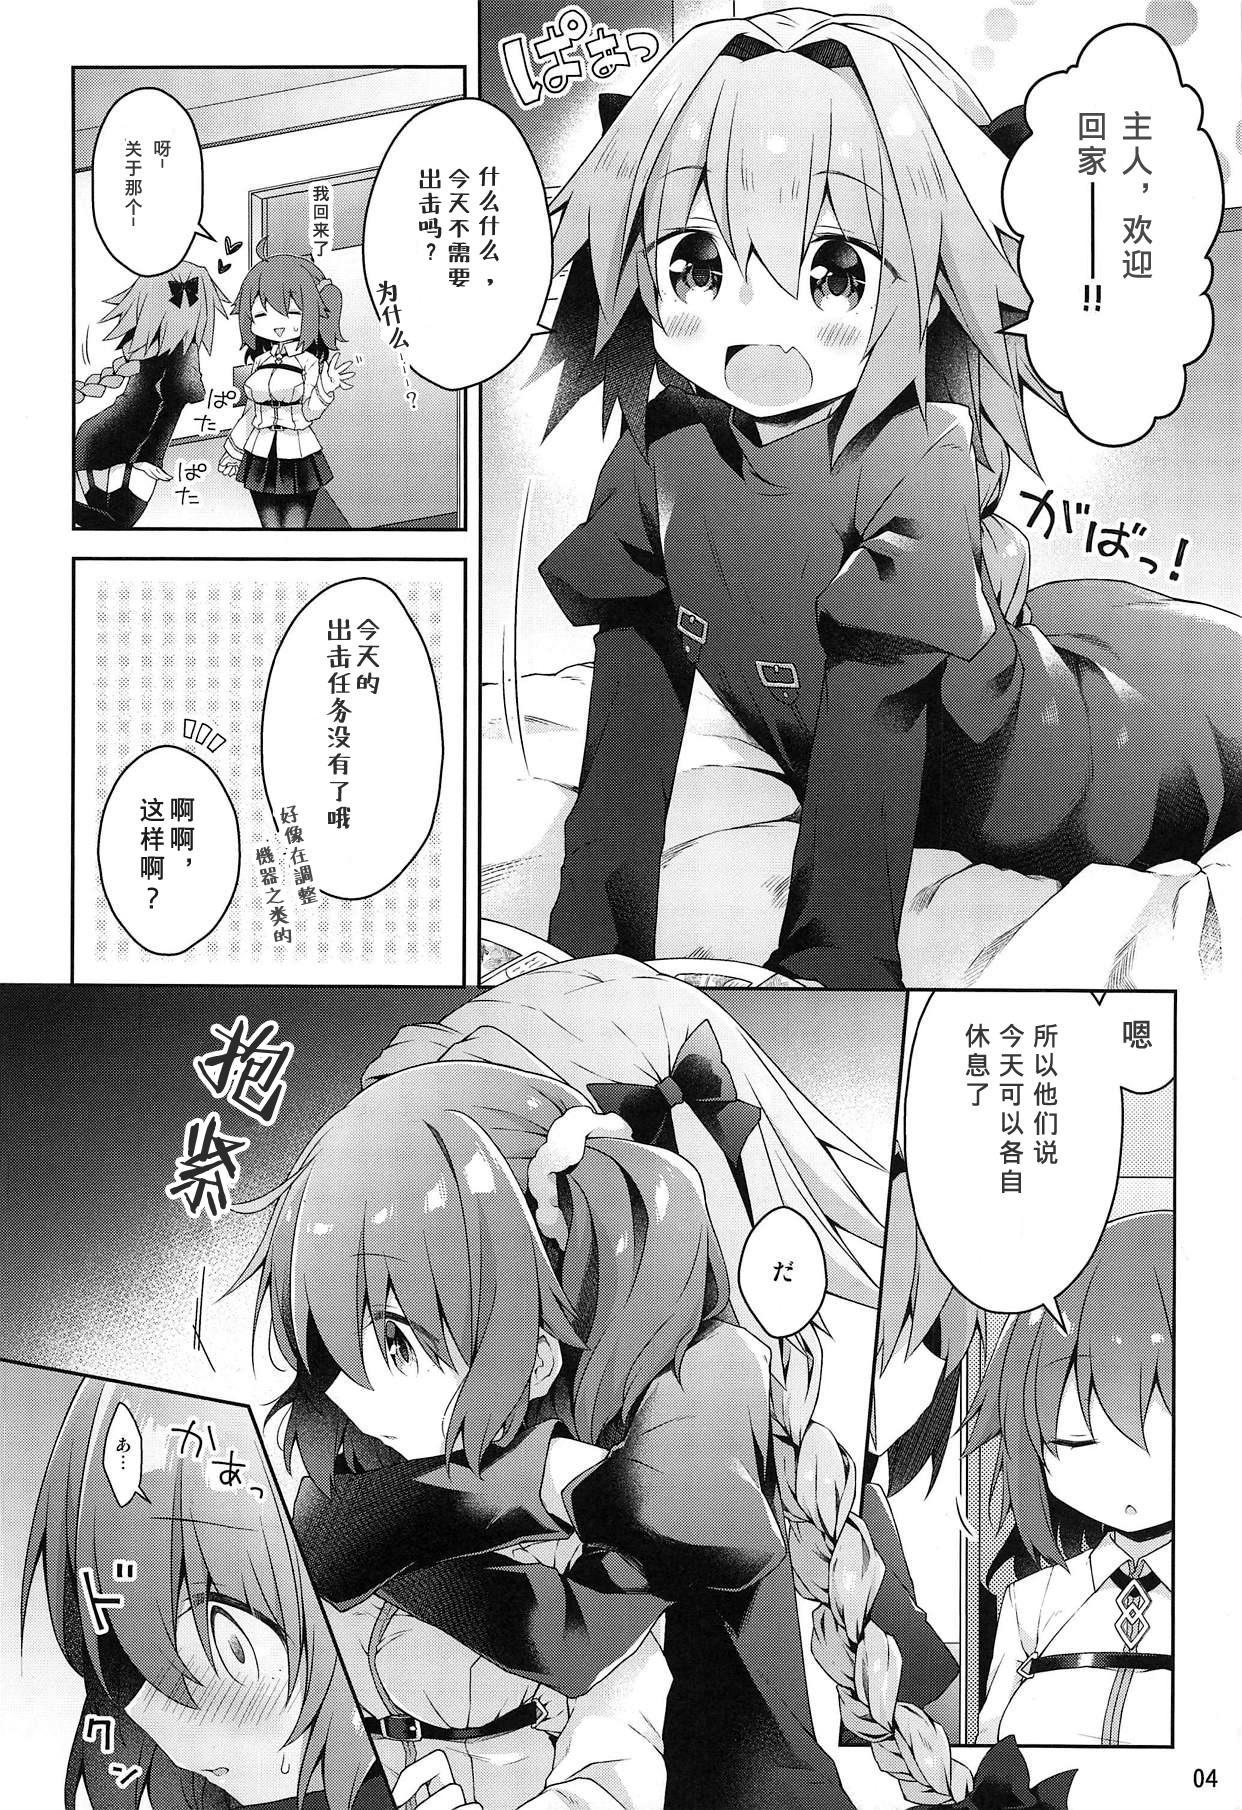 Boku to Master no Kyuujitsu Sex + C95 Kaijou Gentei Omakebon 5